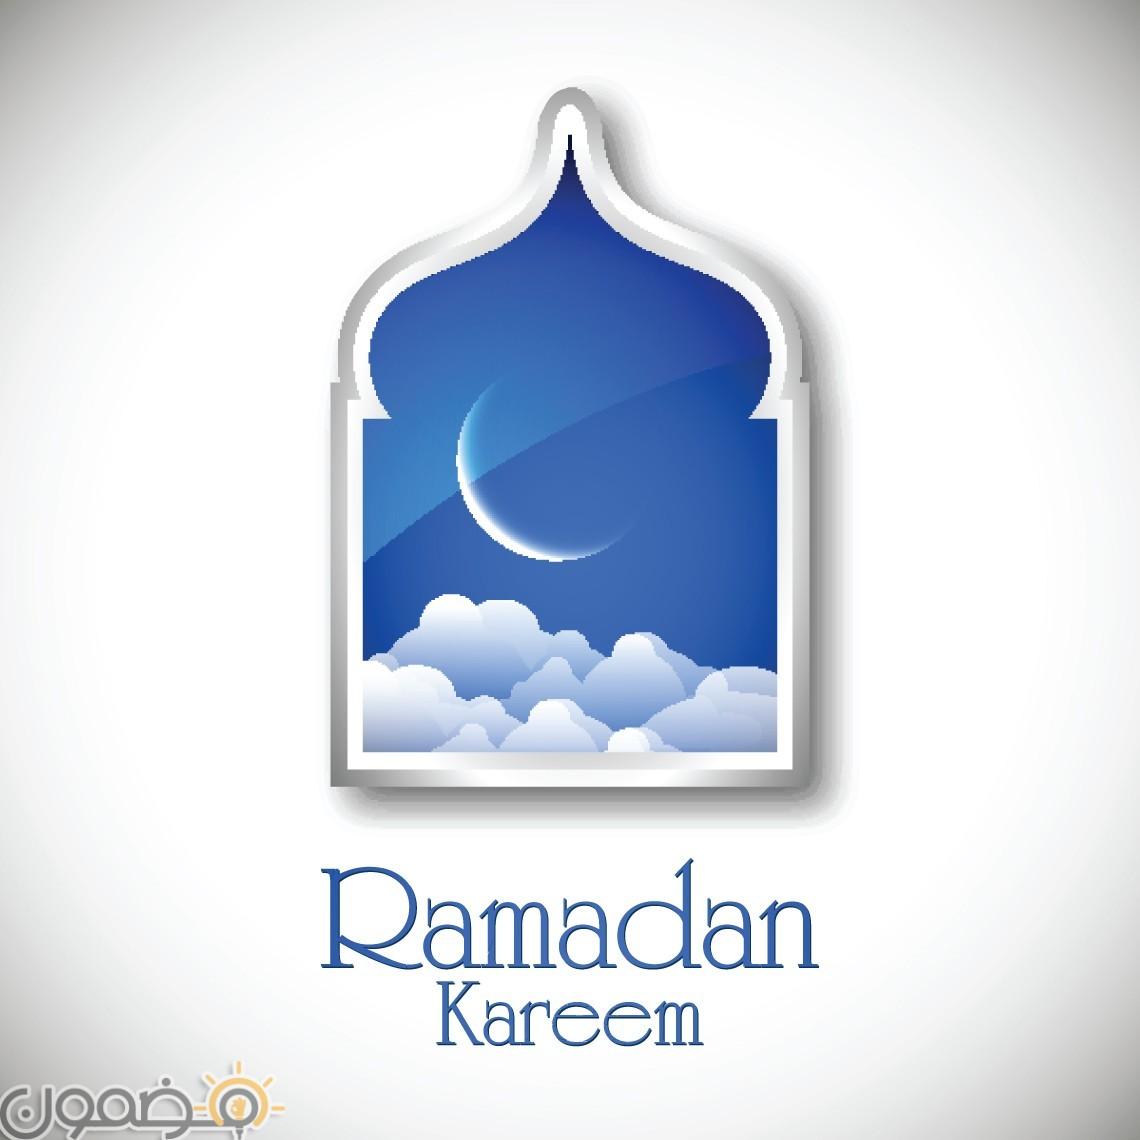 خلفيات رمضان 3d 5 خلفيات رمضان 3d للفيس بوك و للموبايل